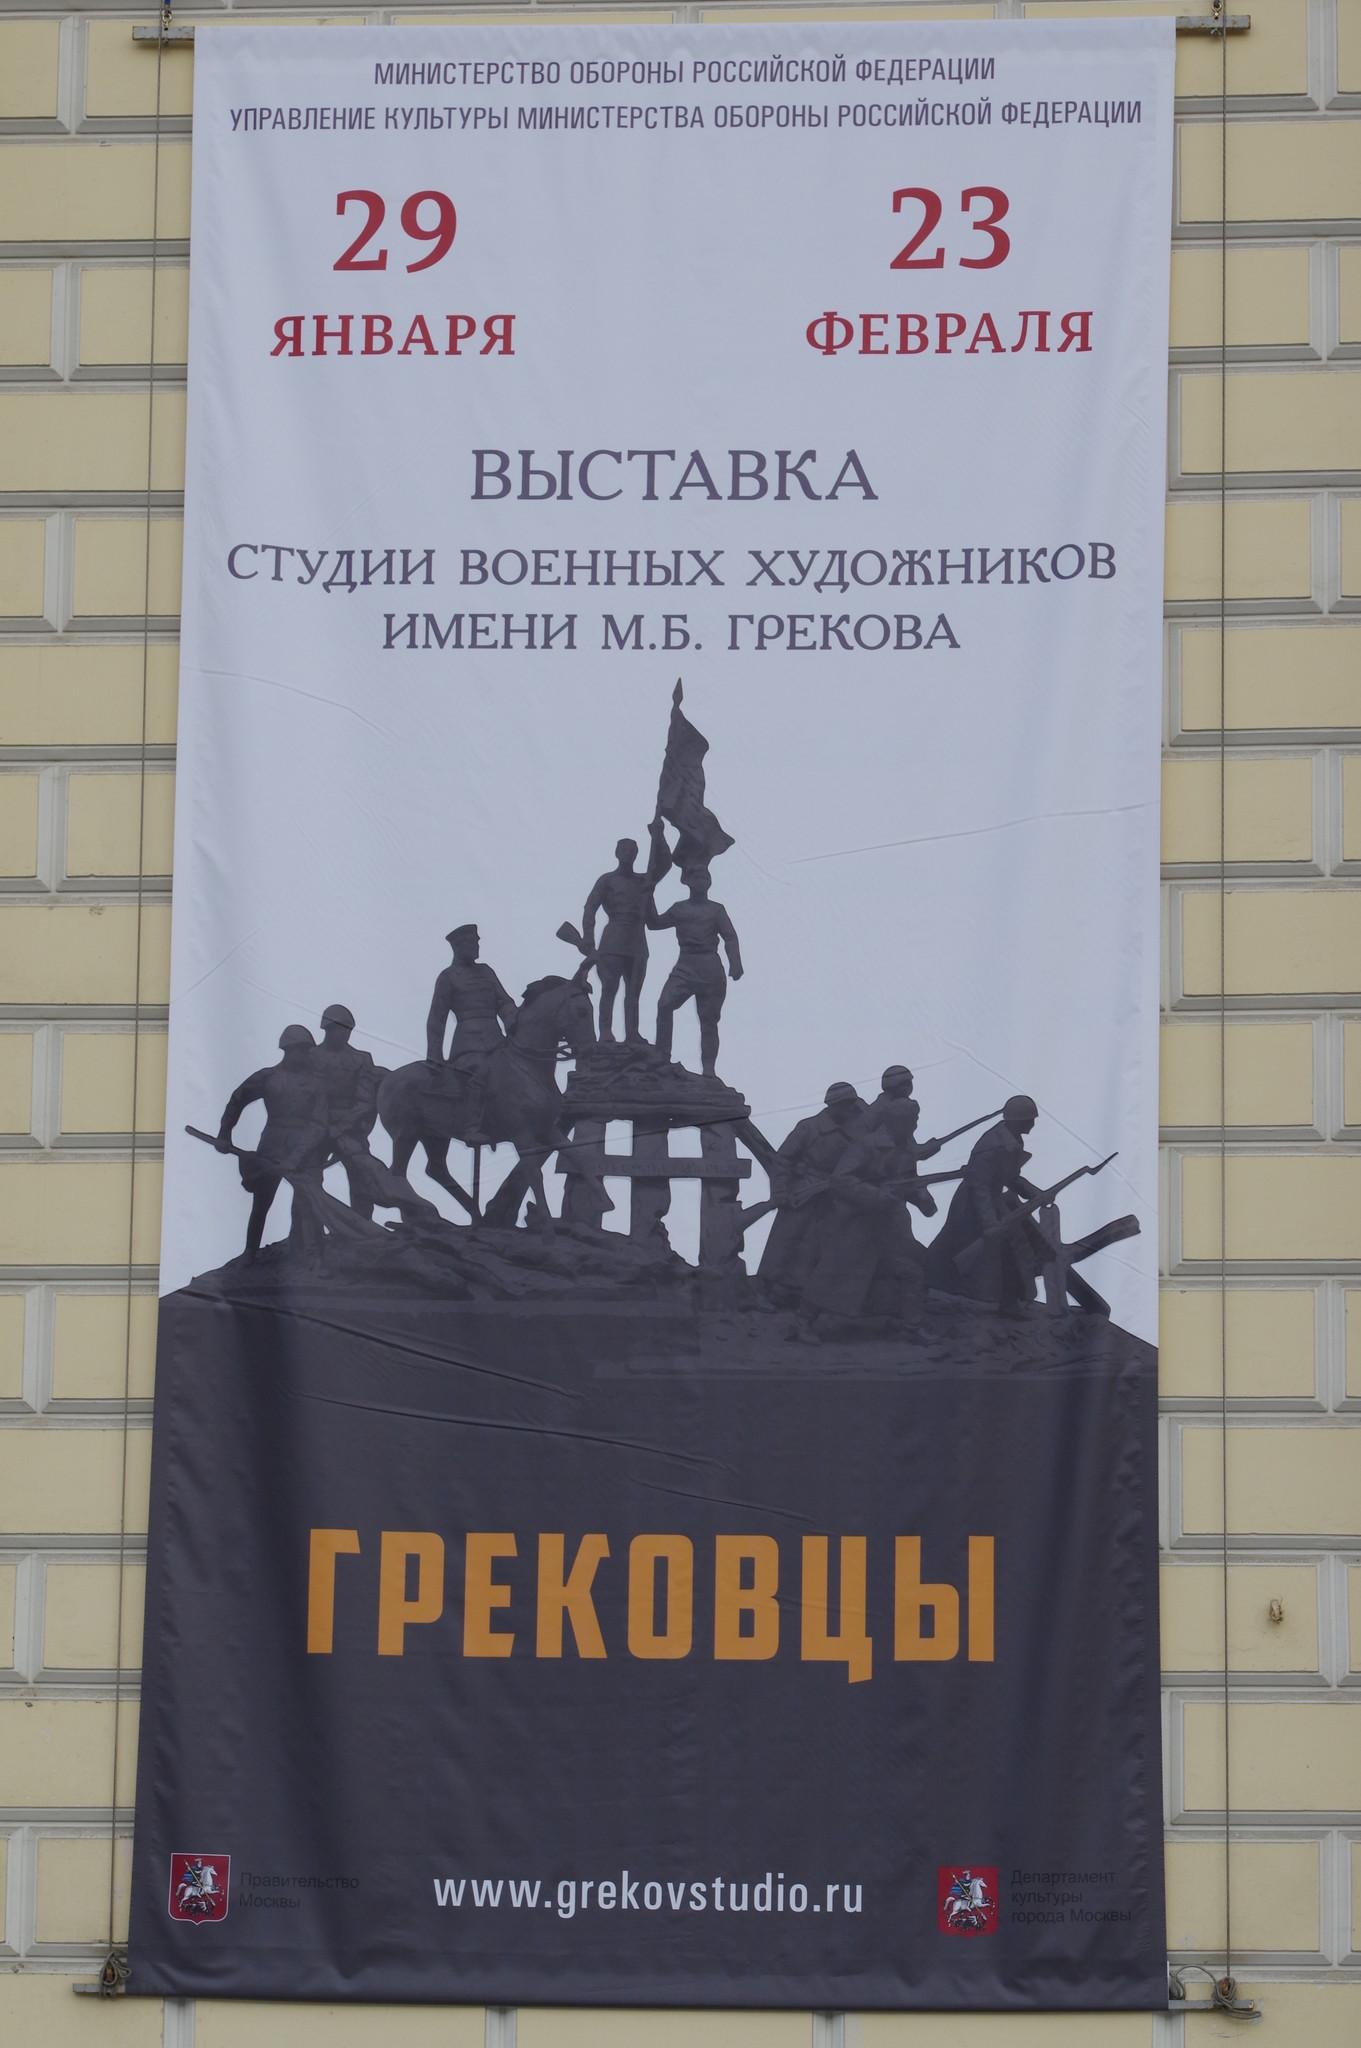 Выставкае к 80-летию студии военных художников имени М.Б. Грекова в Москве